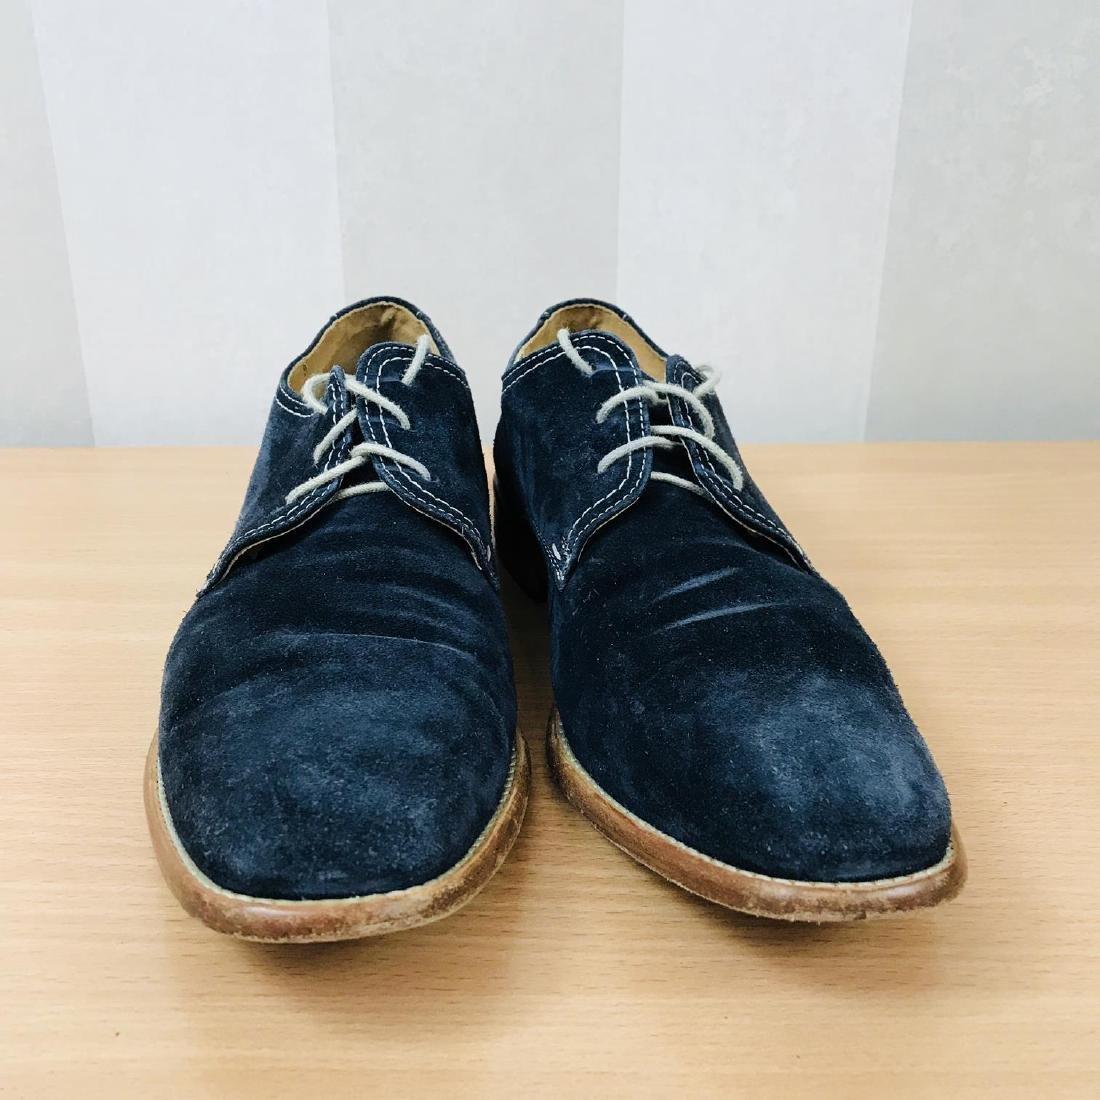 Vintage Men's LLOYD Suede Leather Shoes Size EUR 41 US - 2